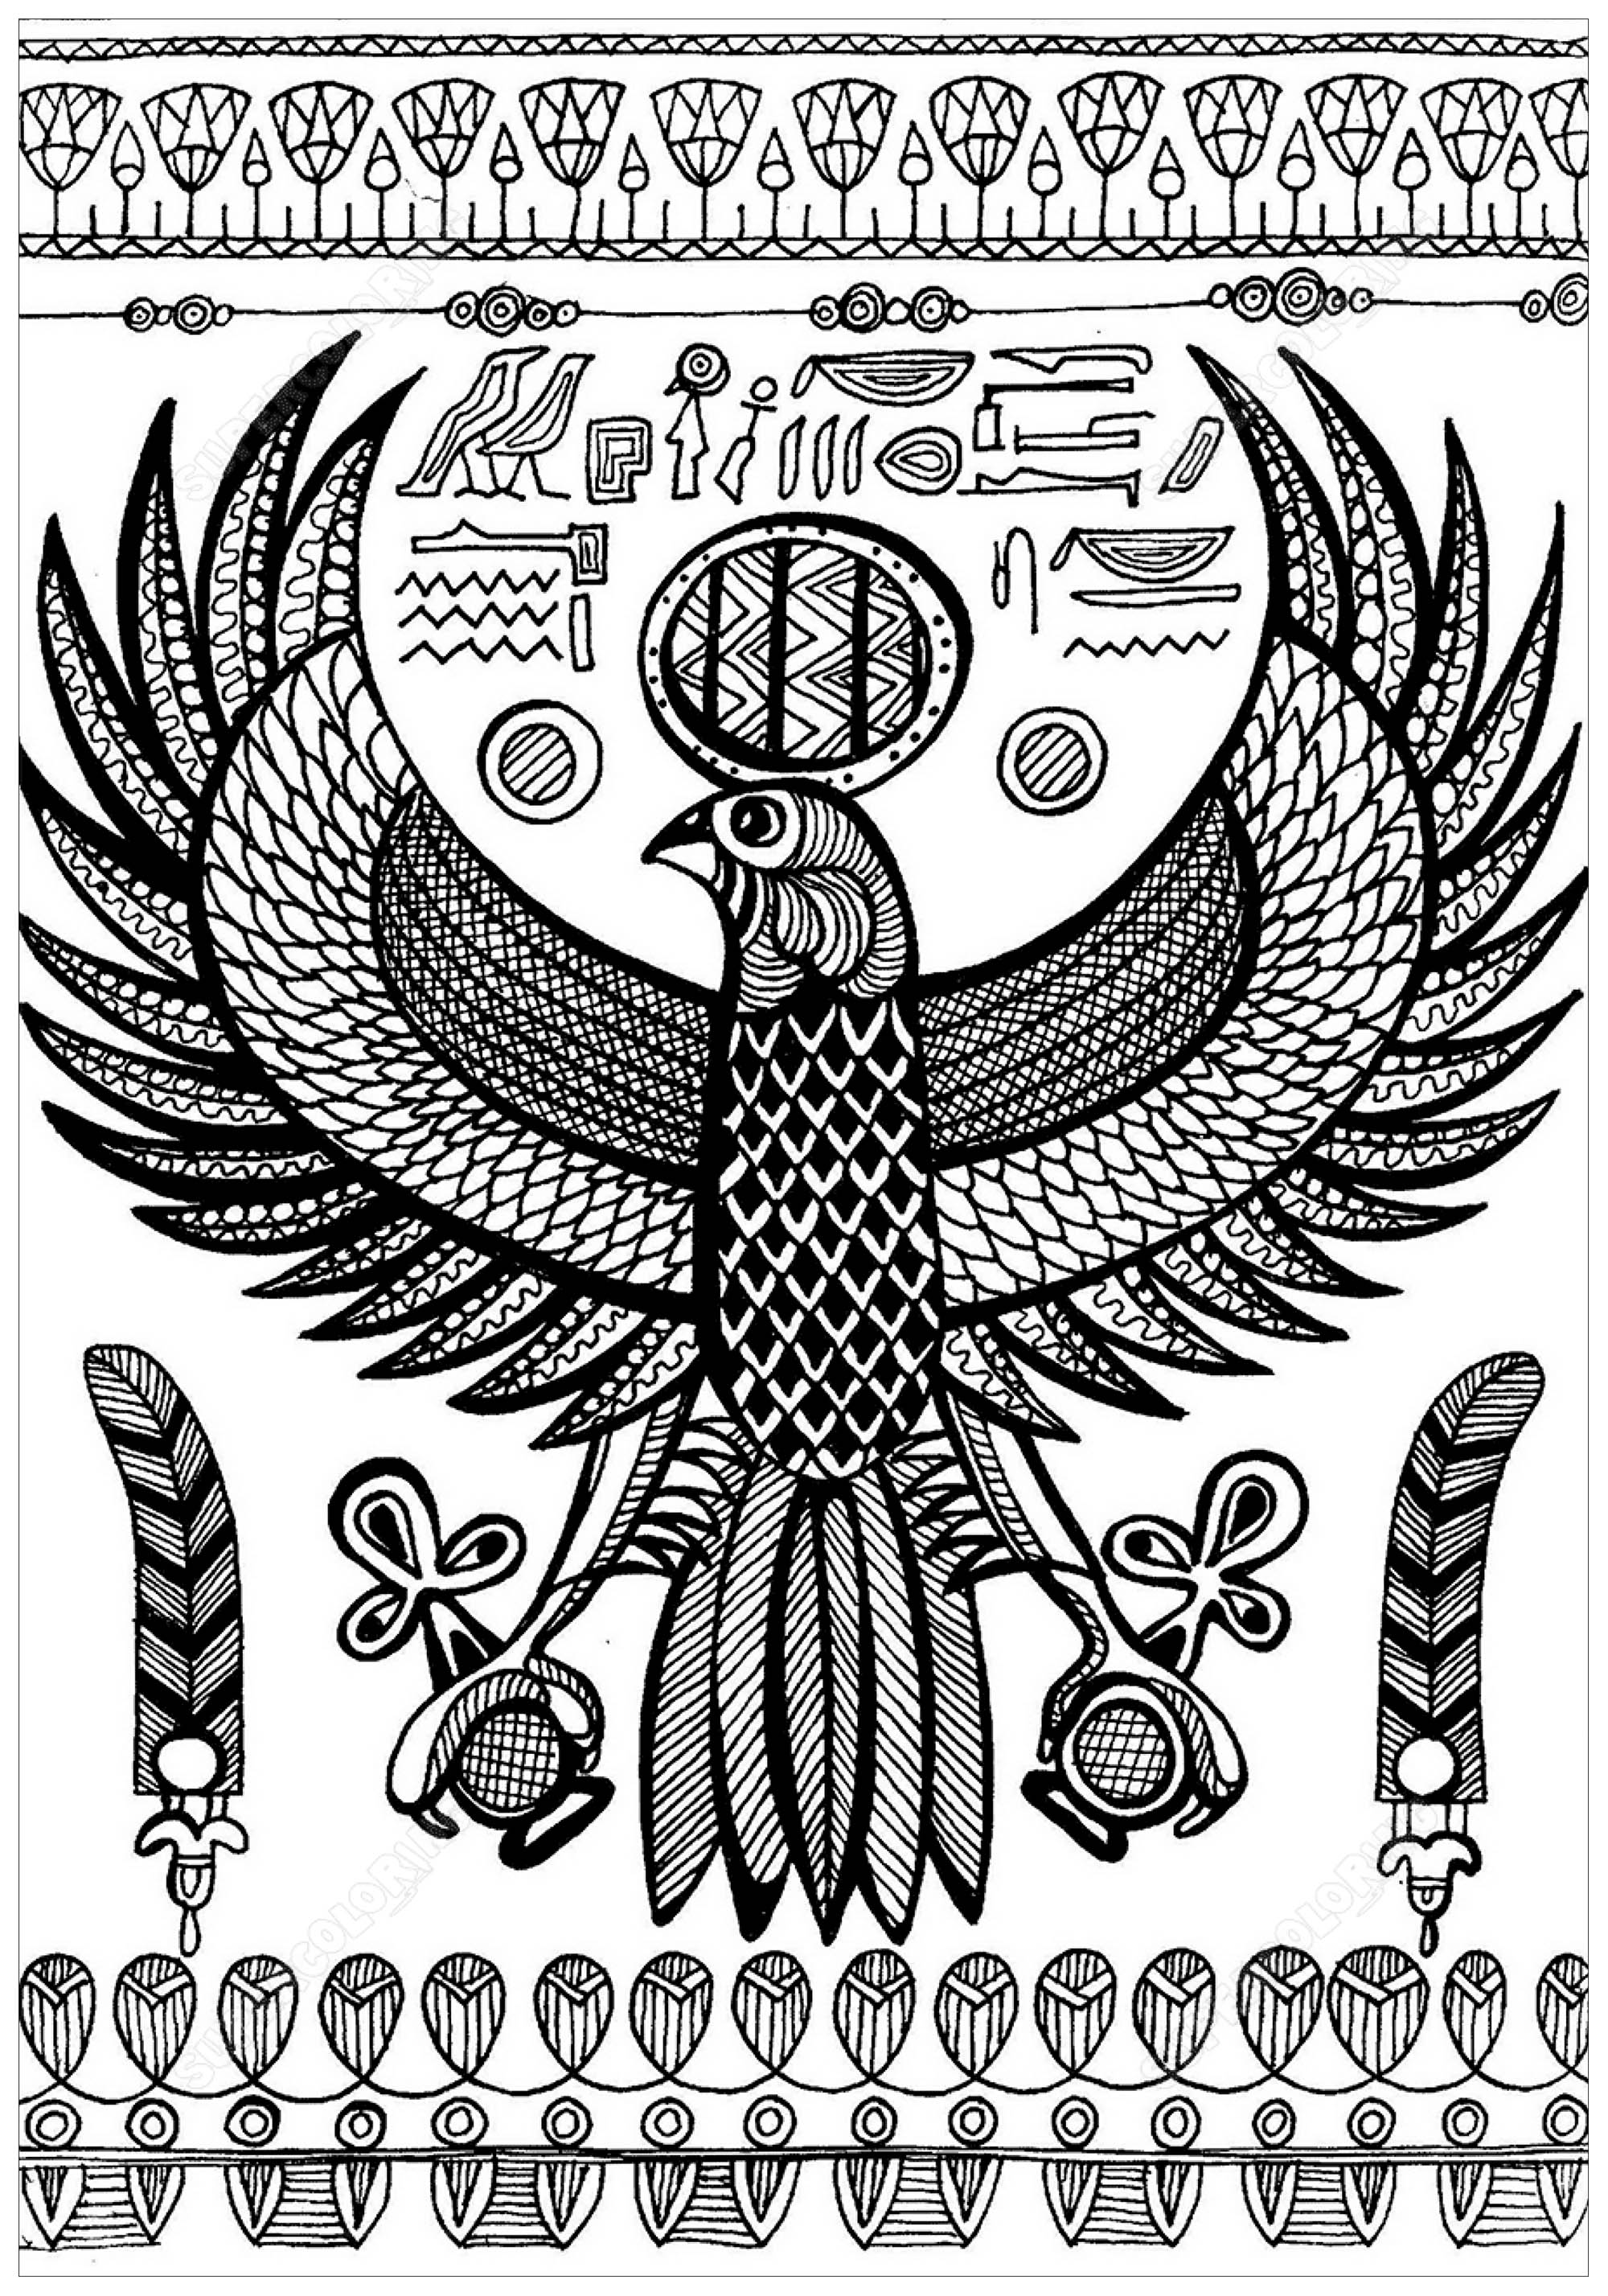 Disegni da colorare per adulti : Egitto & Geroglifici - 7